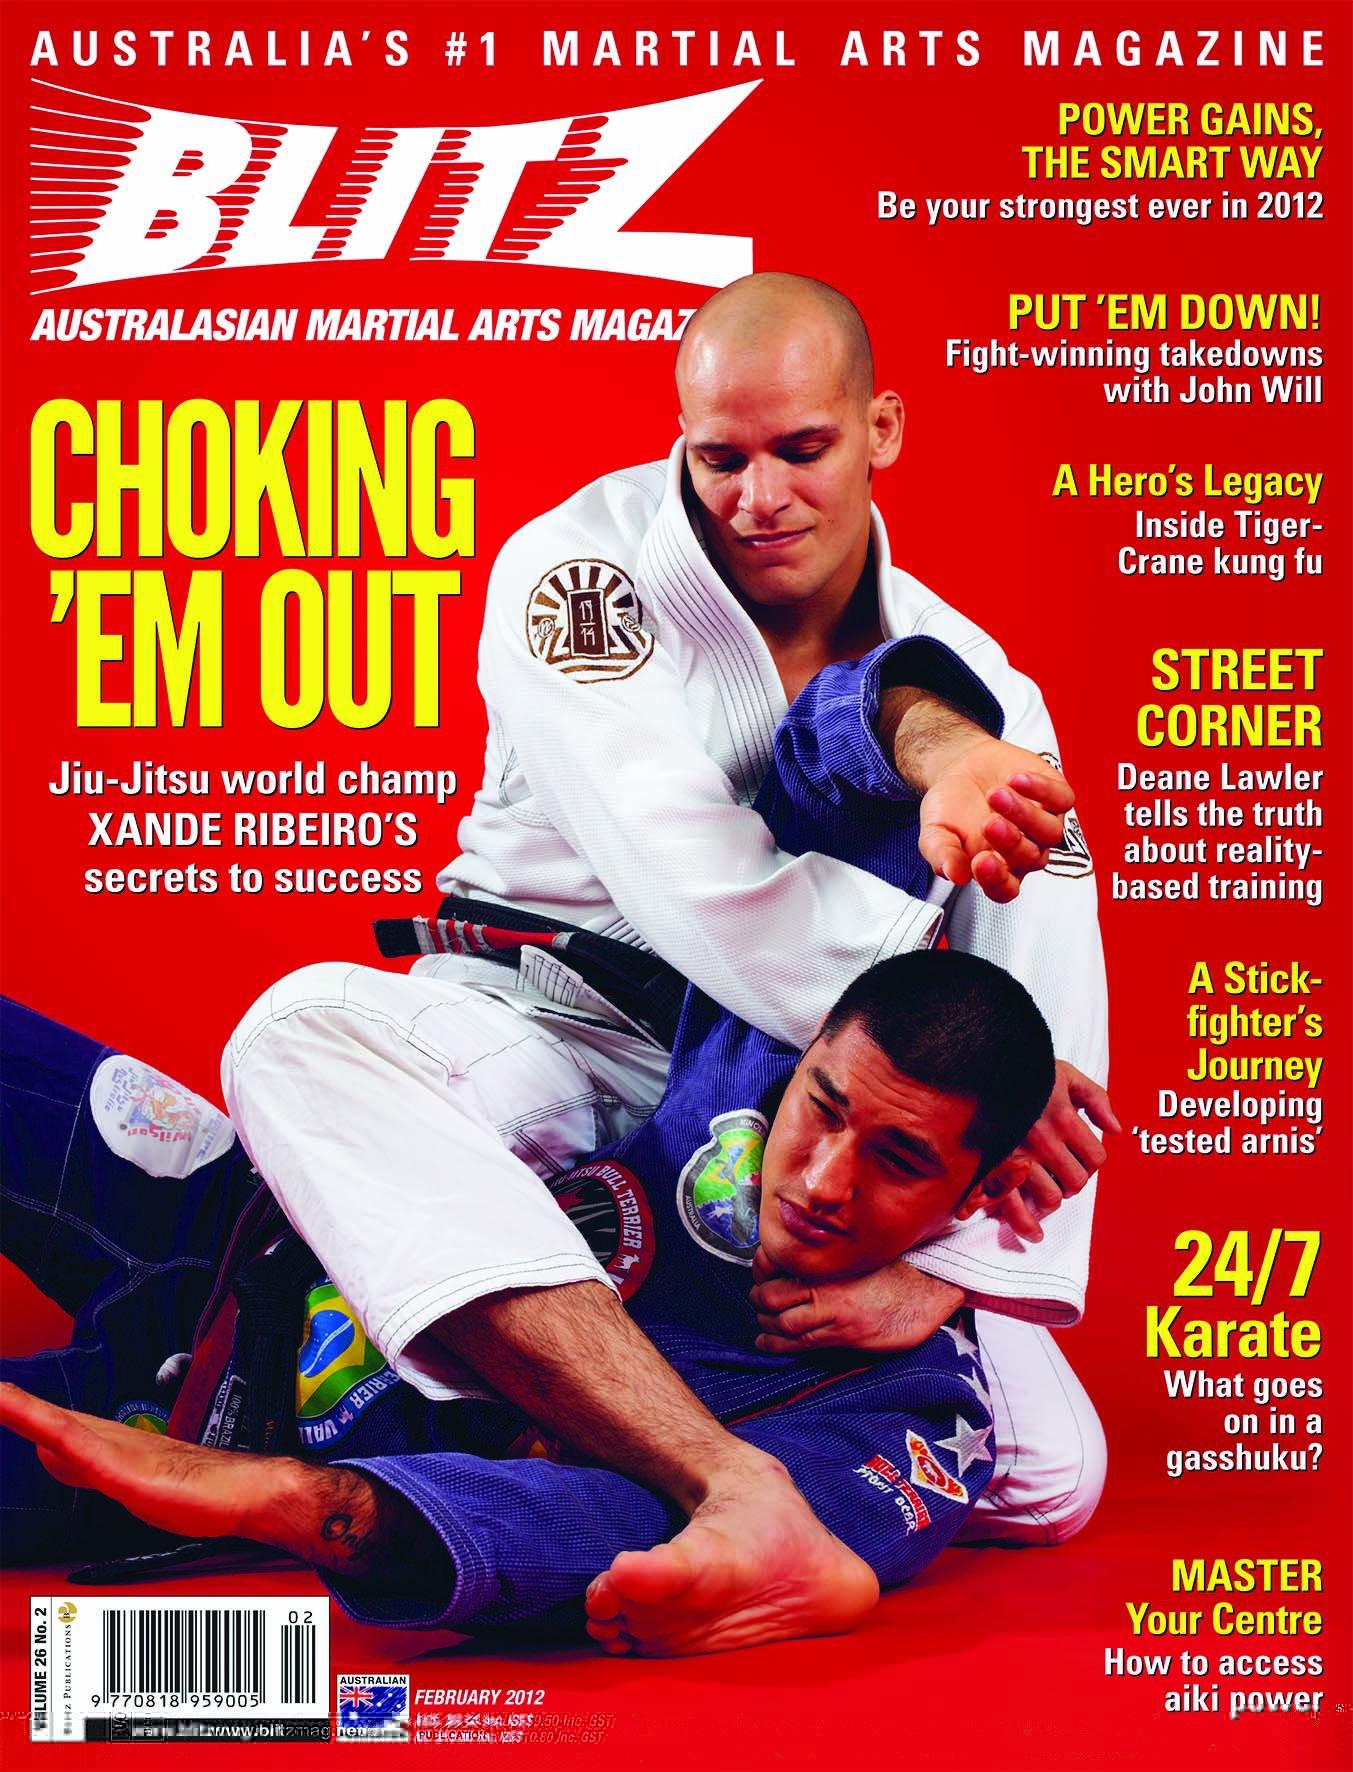 Cover - Feb 2012 - Blitz Magazine